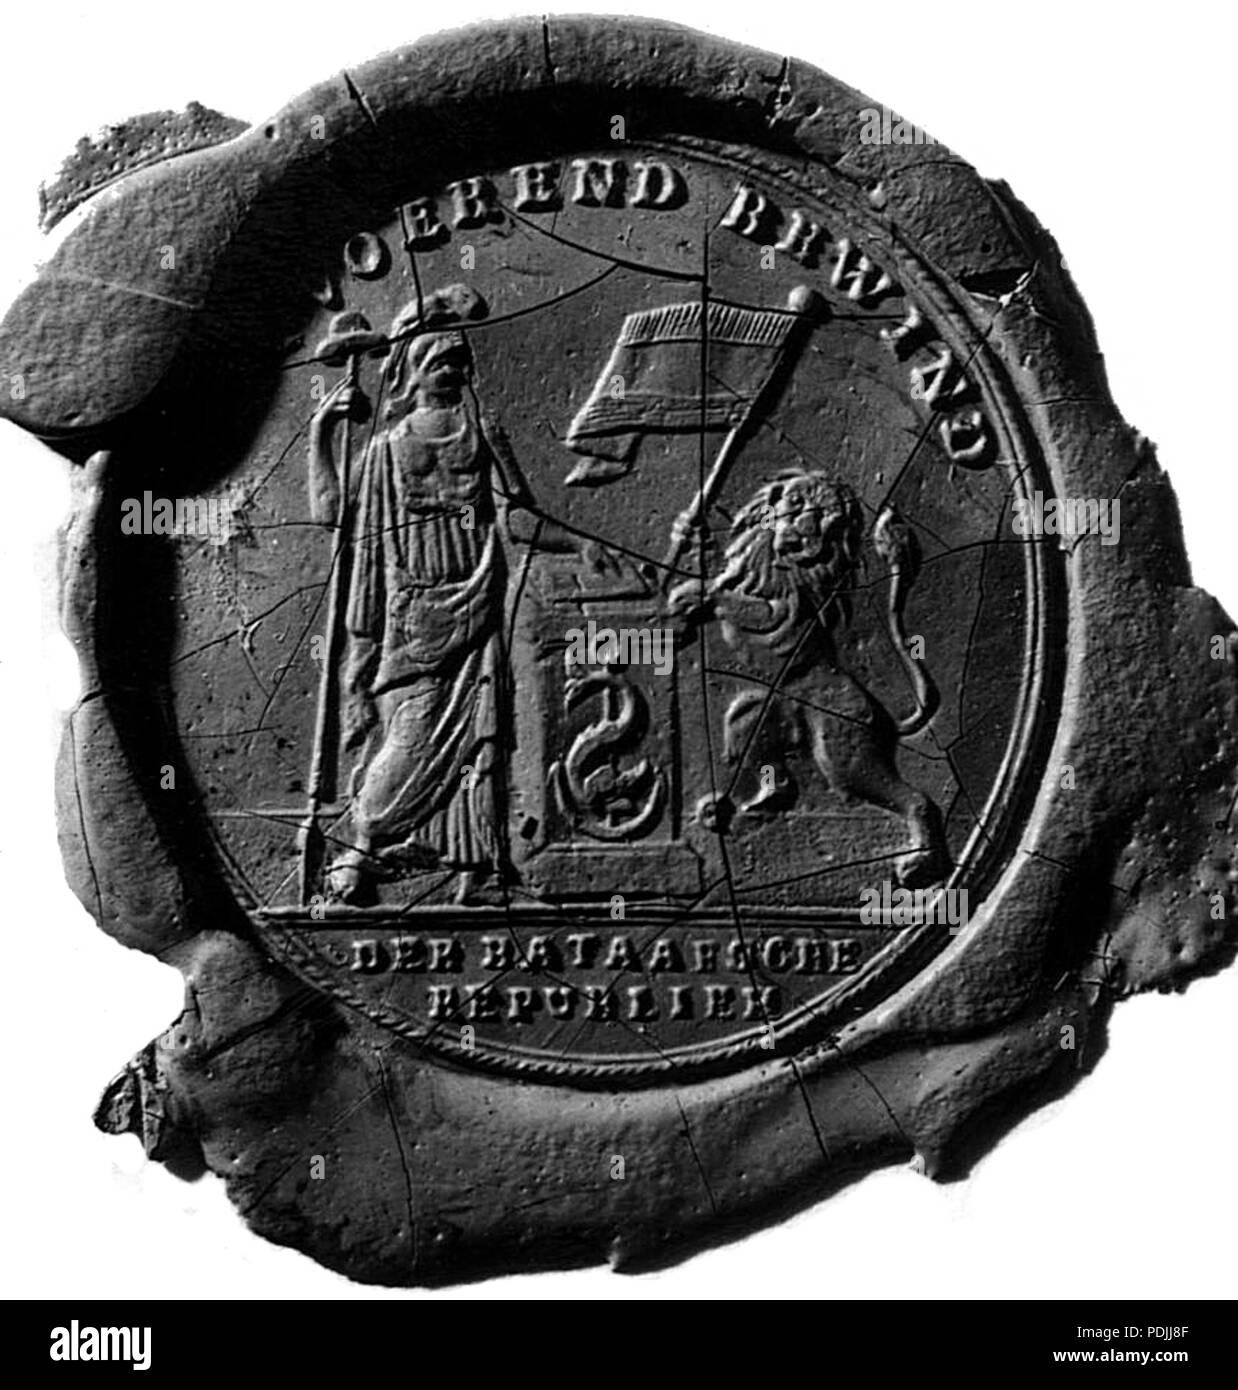 361 Uitvoerend Bewind der Bataafsche Republiek, 1799-10-19 - Stock Image